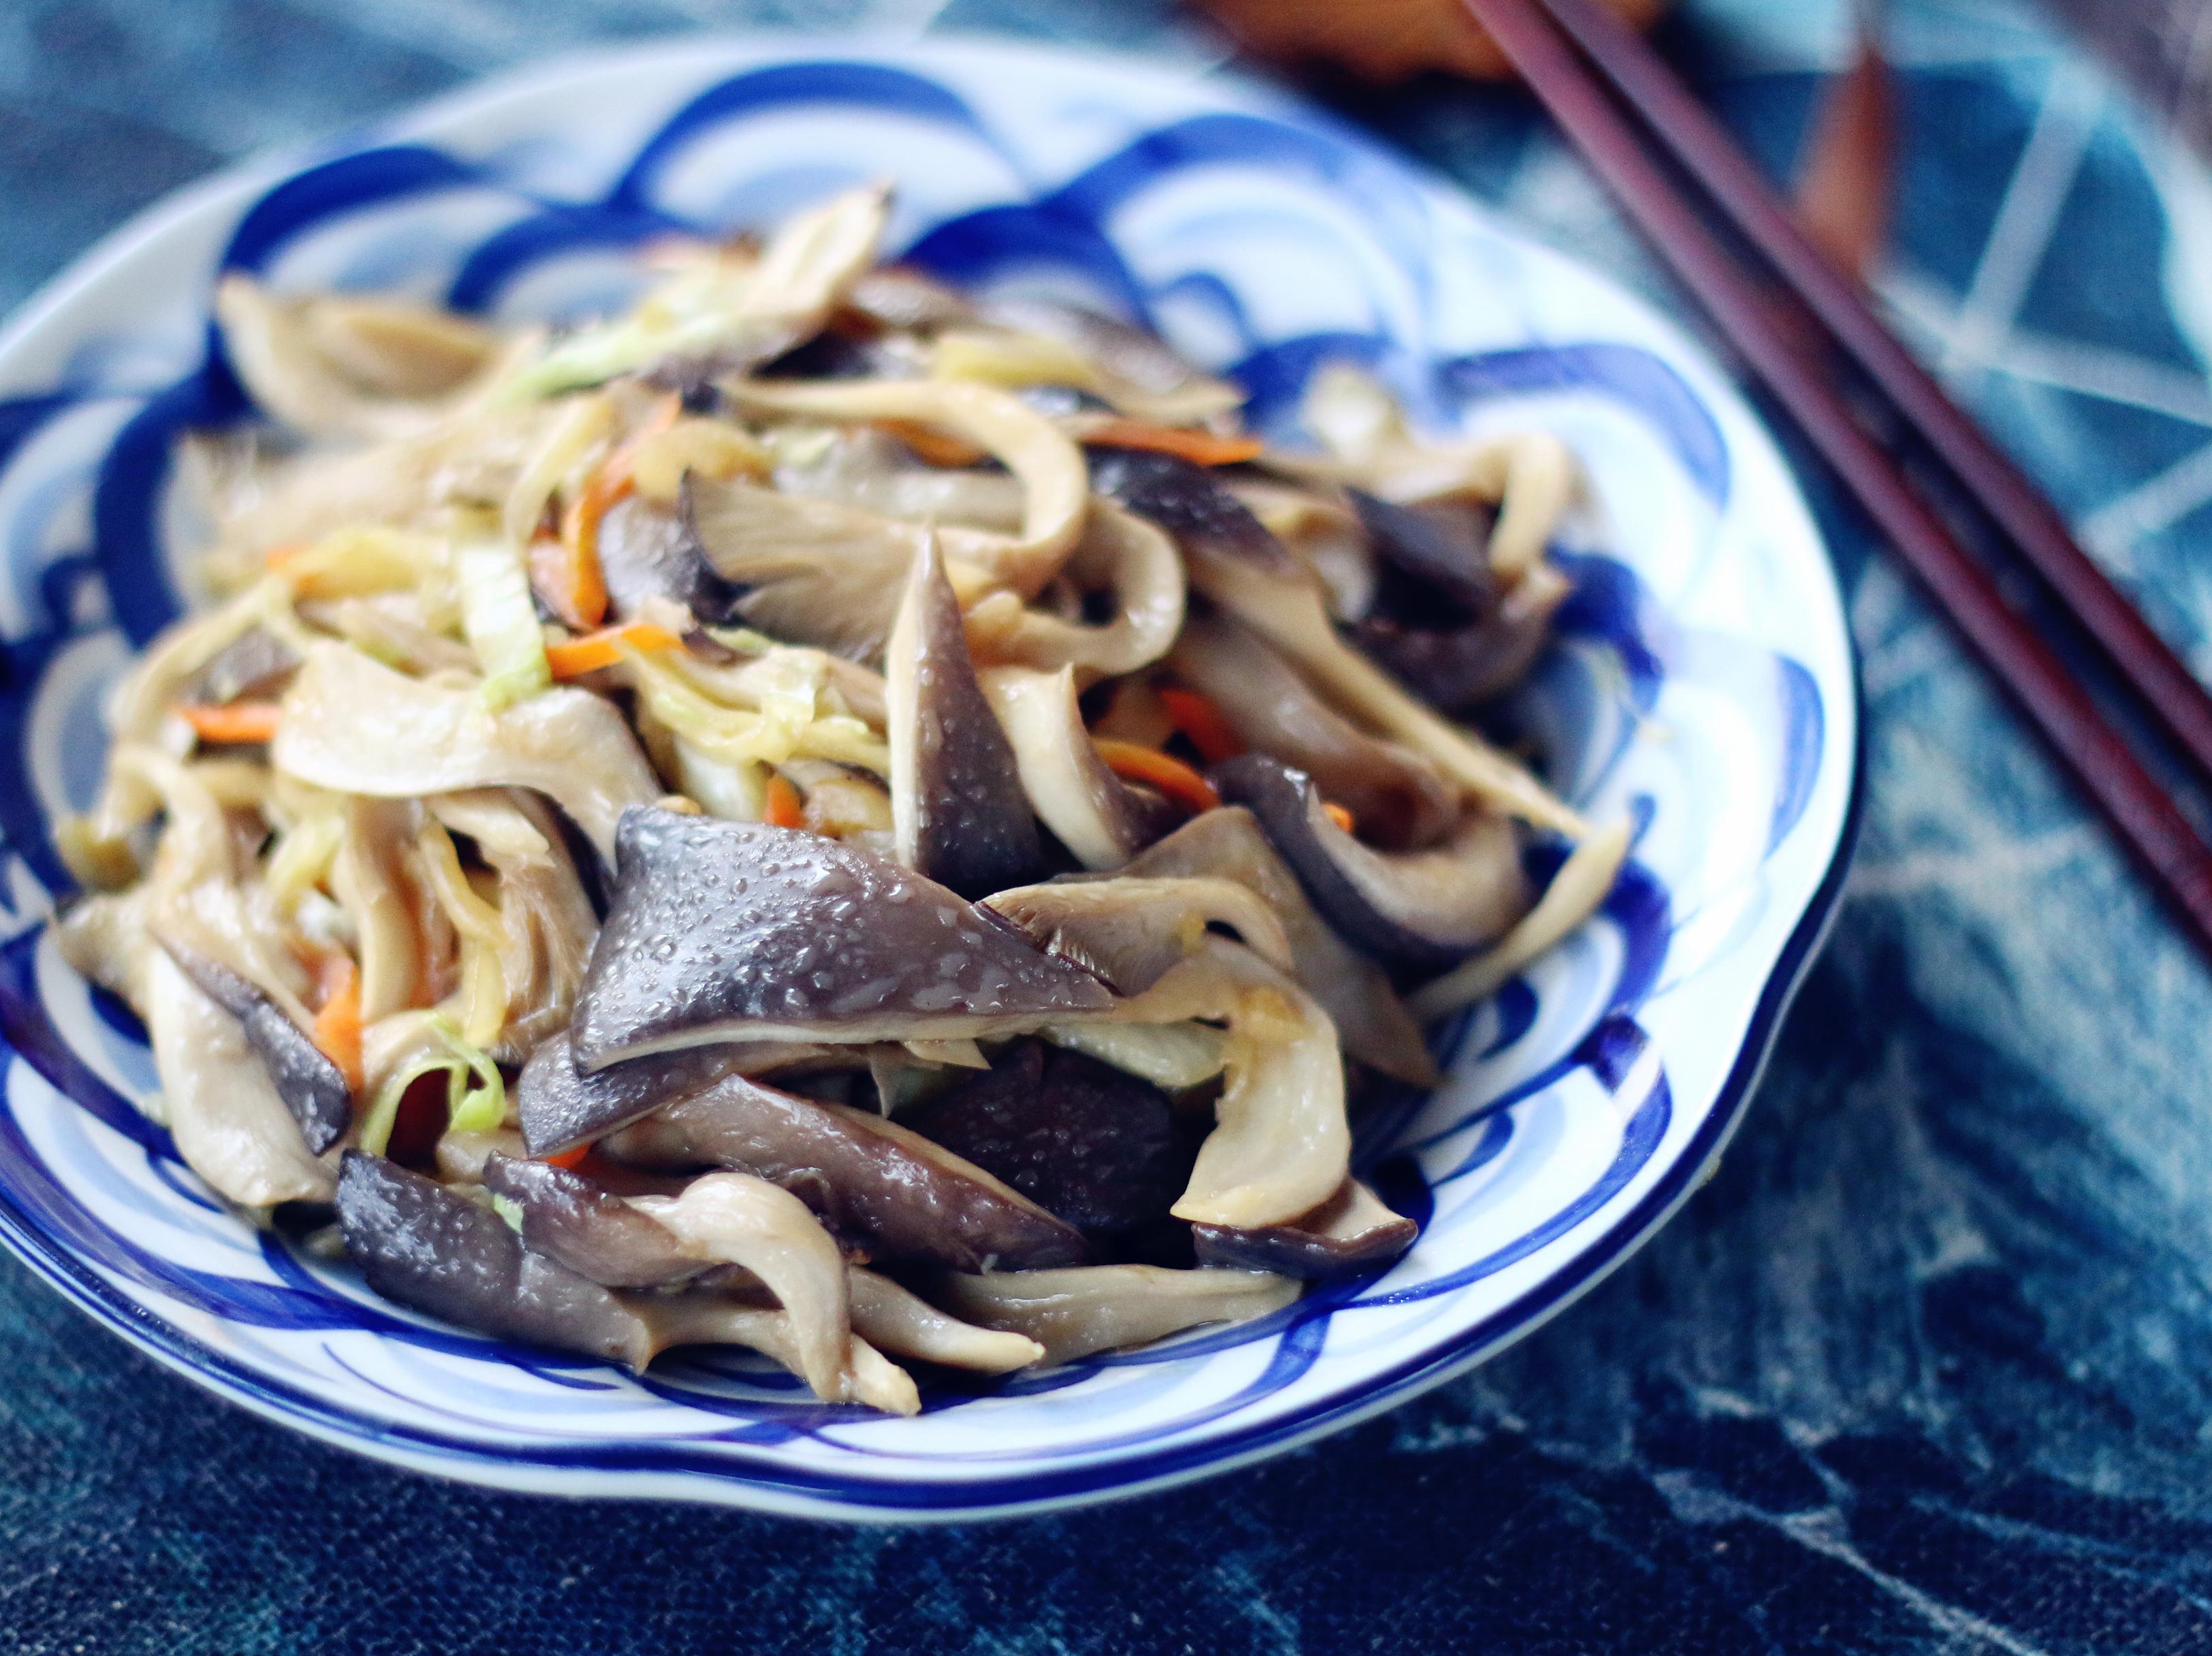 平菇炒白菜的美食_鲍鱼_豆果做法菜谱可以做什么汤图片